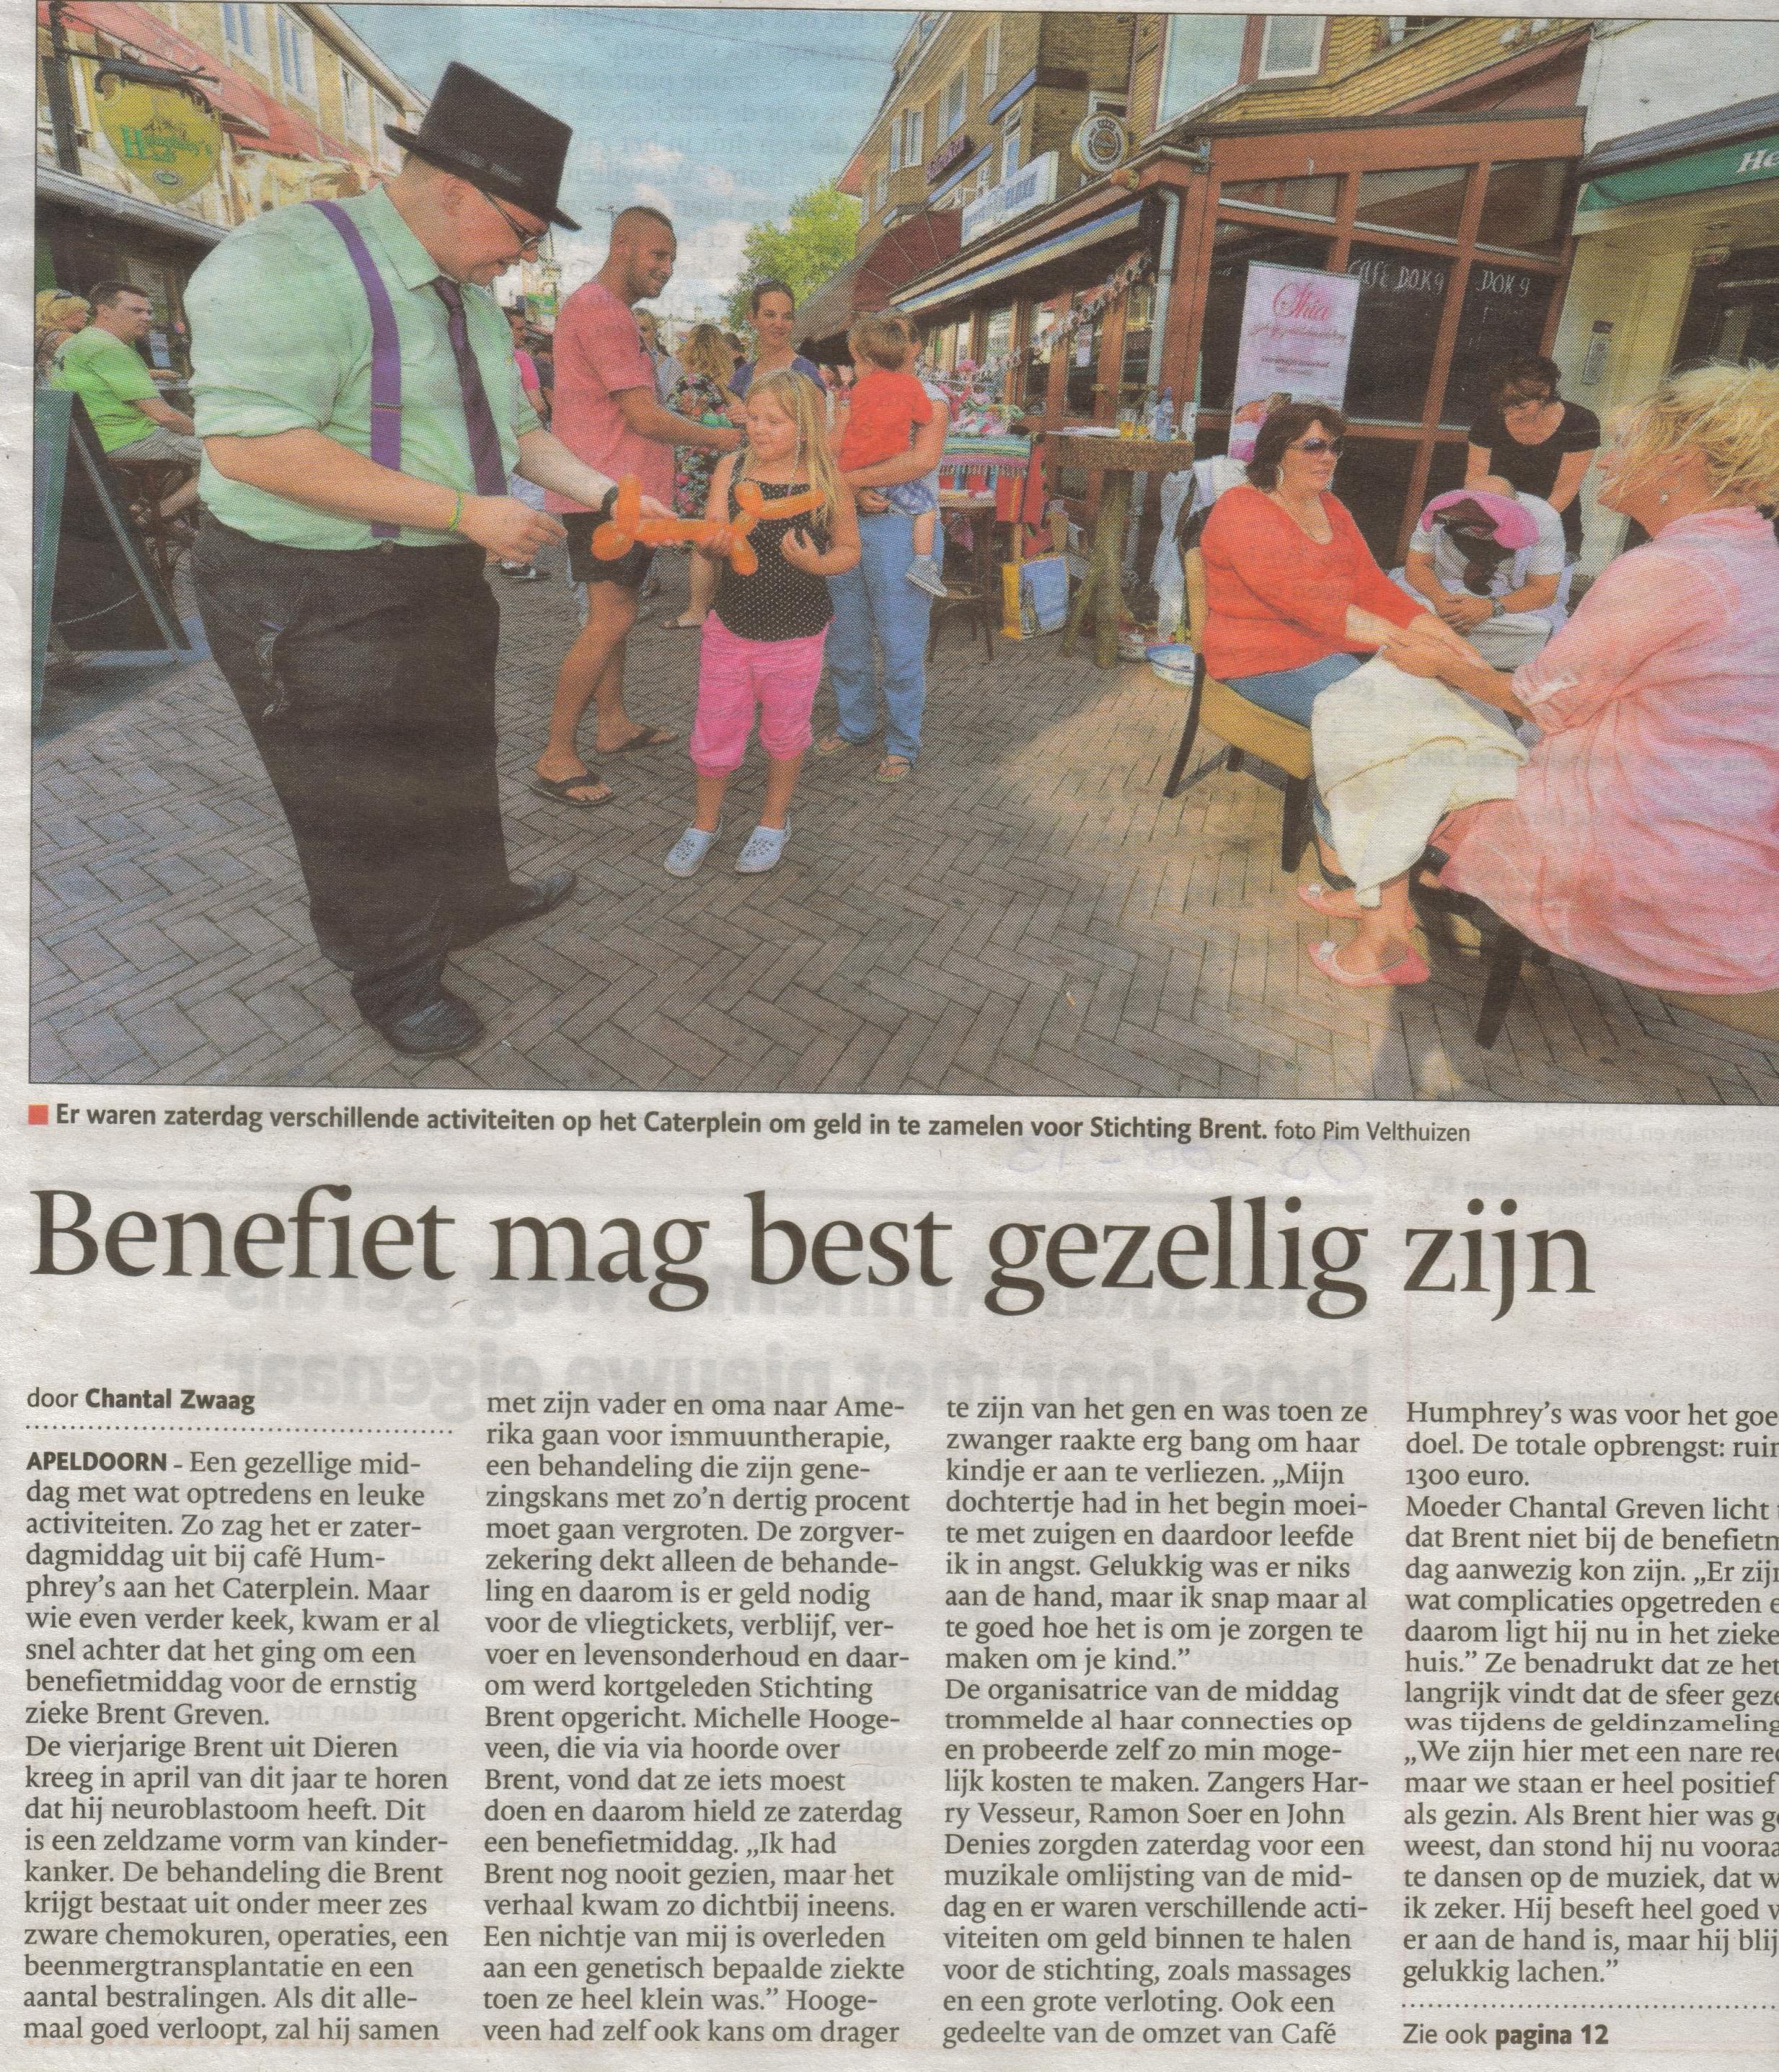 Bron: De Stentor Apeldoorn 5 augustus 2013